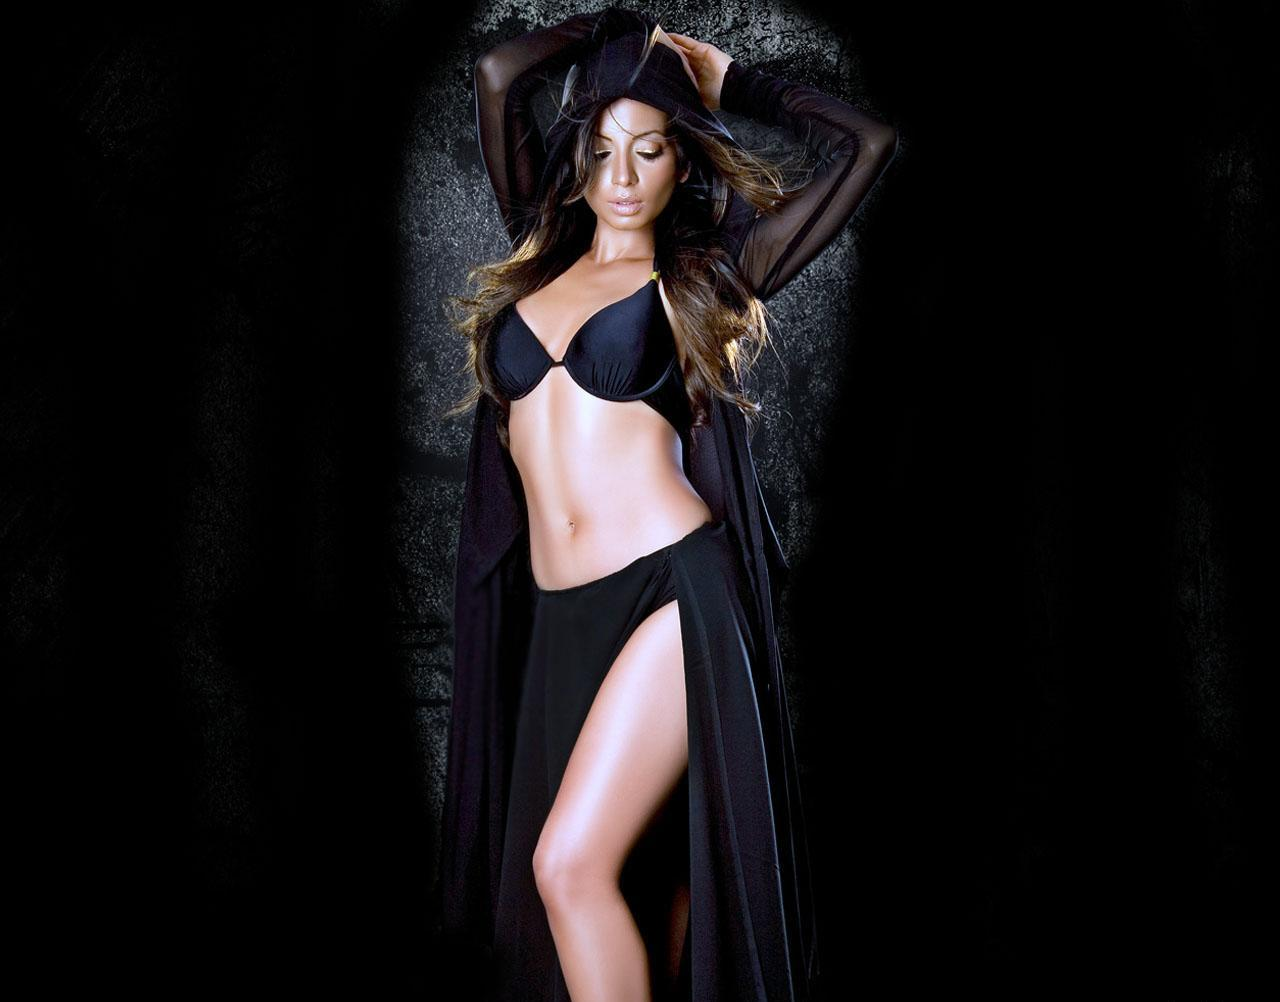 sexy Shama Sikandar images